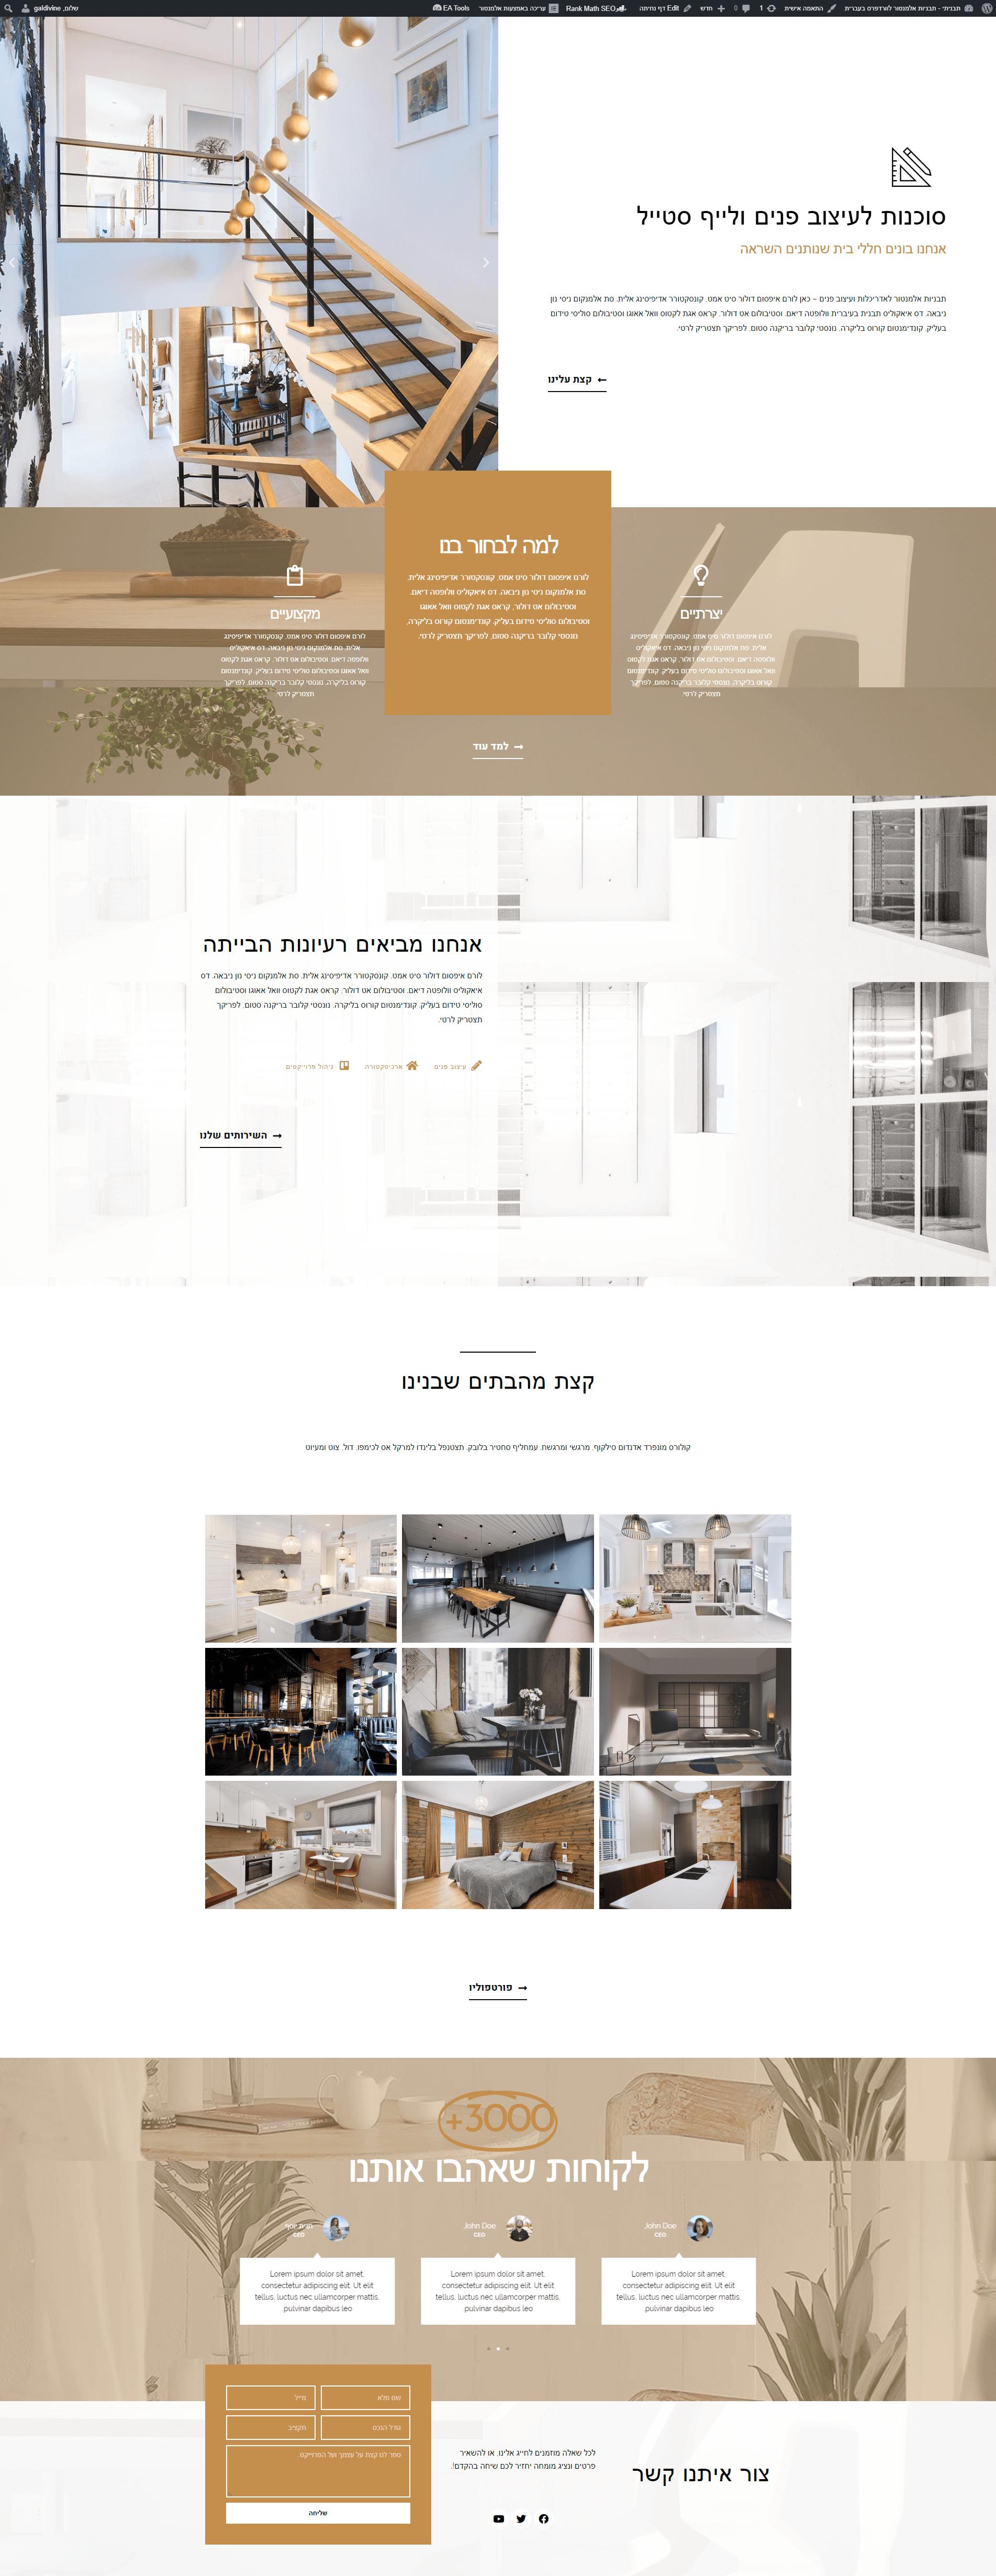 תבניות אלמנטור לאדריכלות ועיצוב פנים